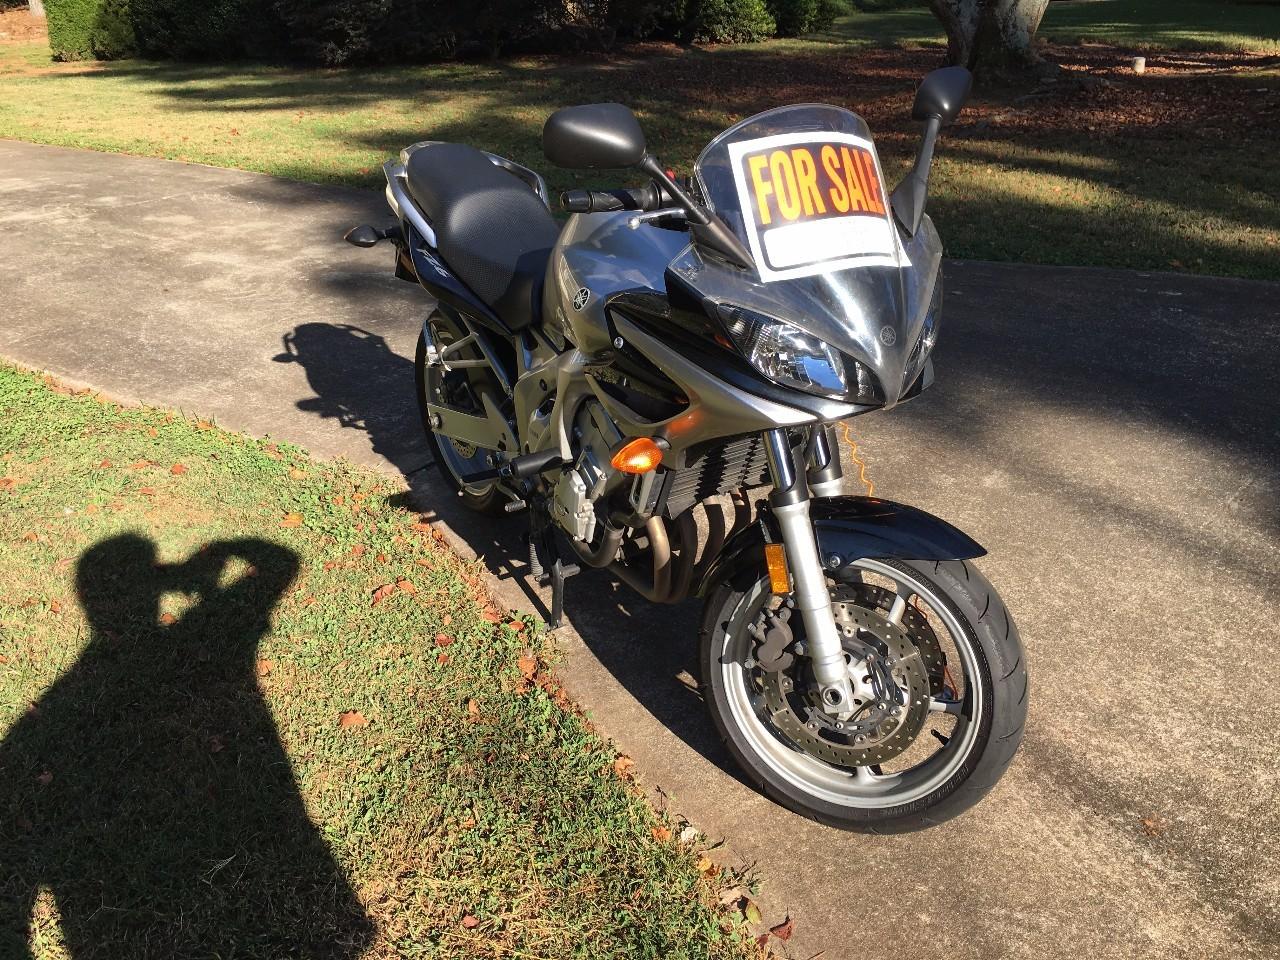 New or used motorcycles harley davidson honda yamaha suzuki kawasaki and more cycletrader com